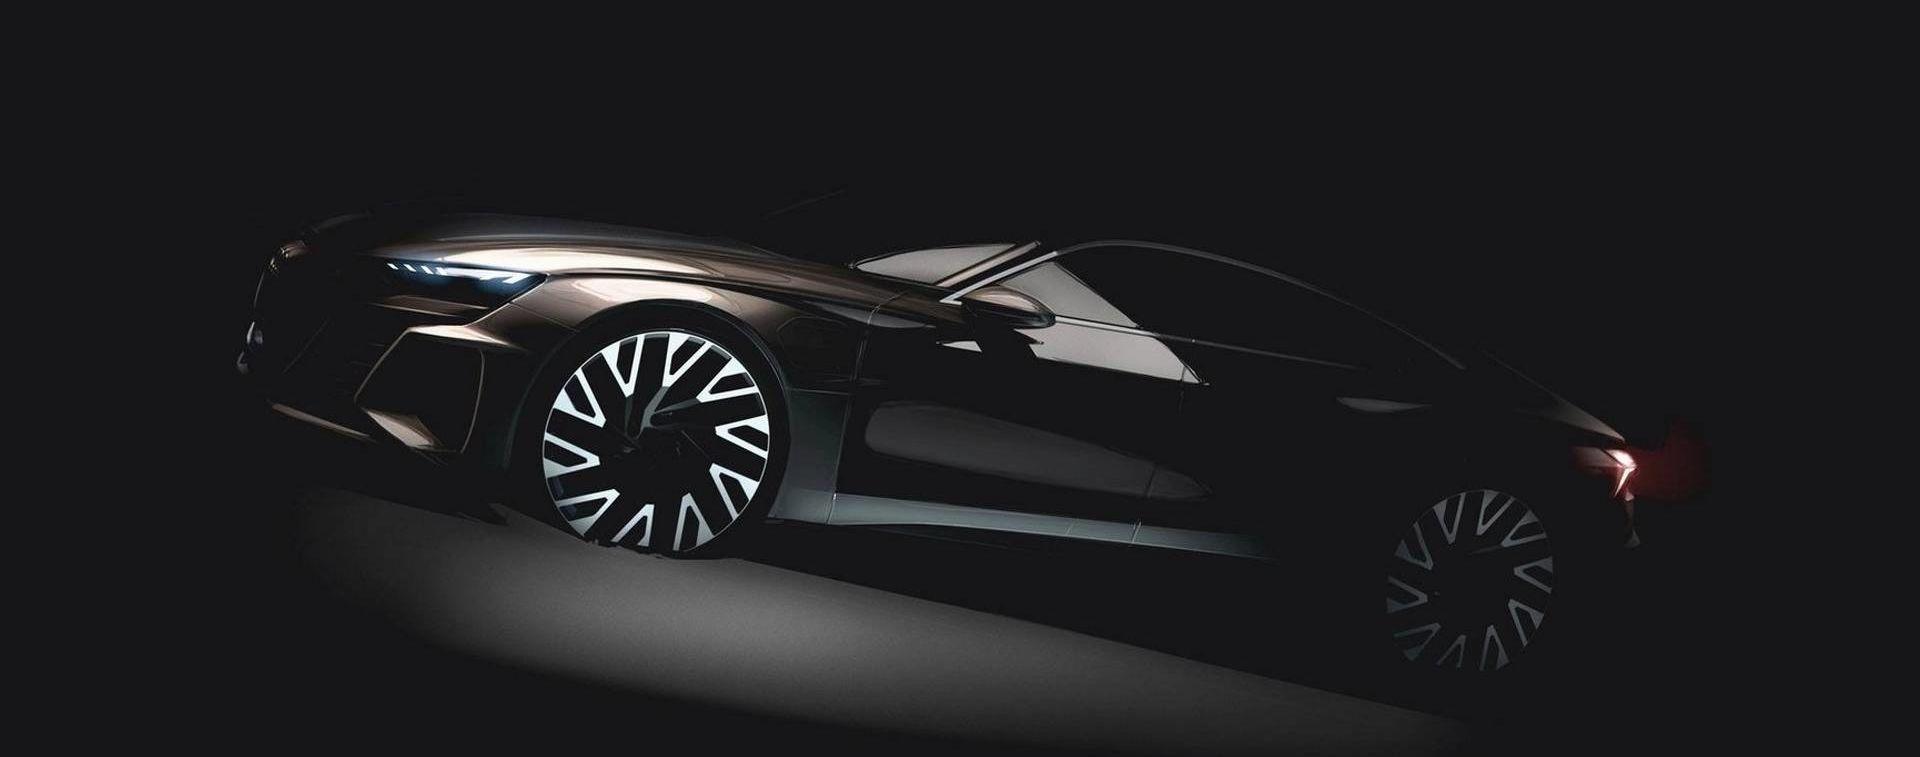 """Стала известна стоимость """"заряженной"""" версии электромобиля Audi e-tron в Украине"""